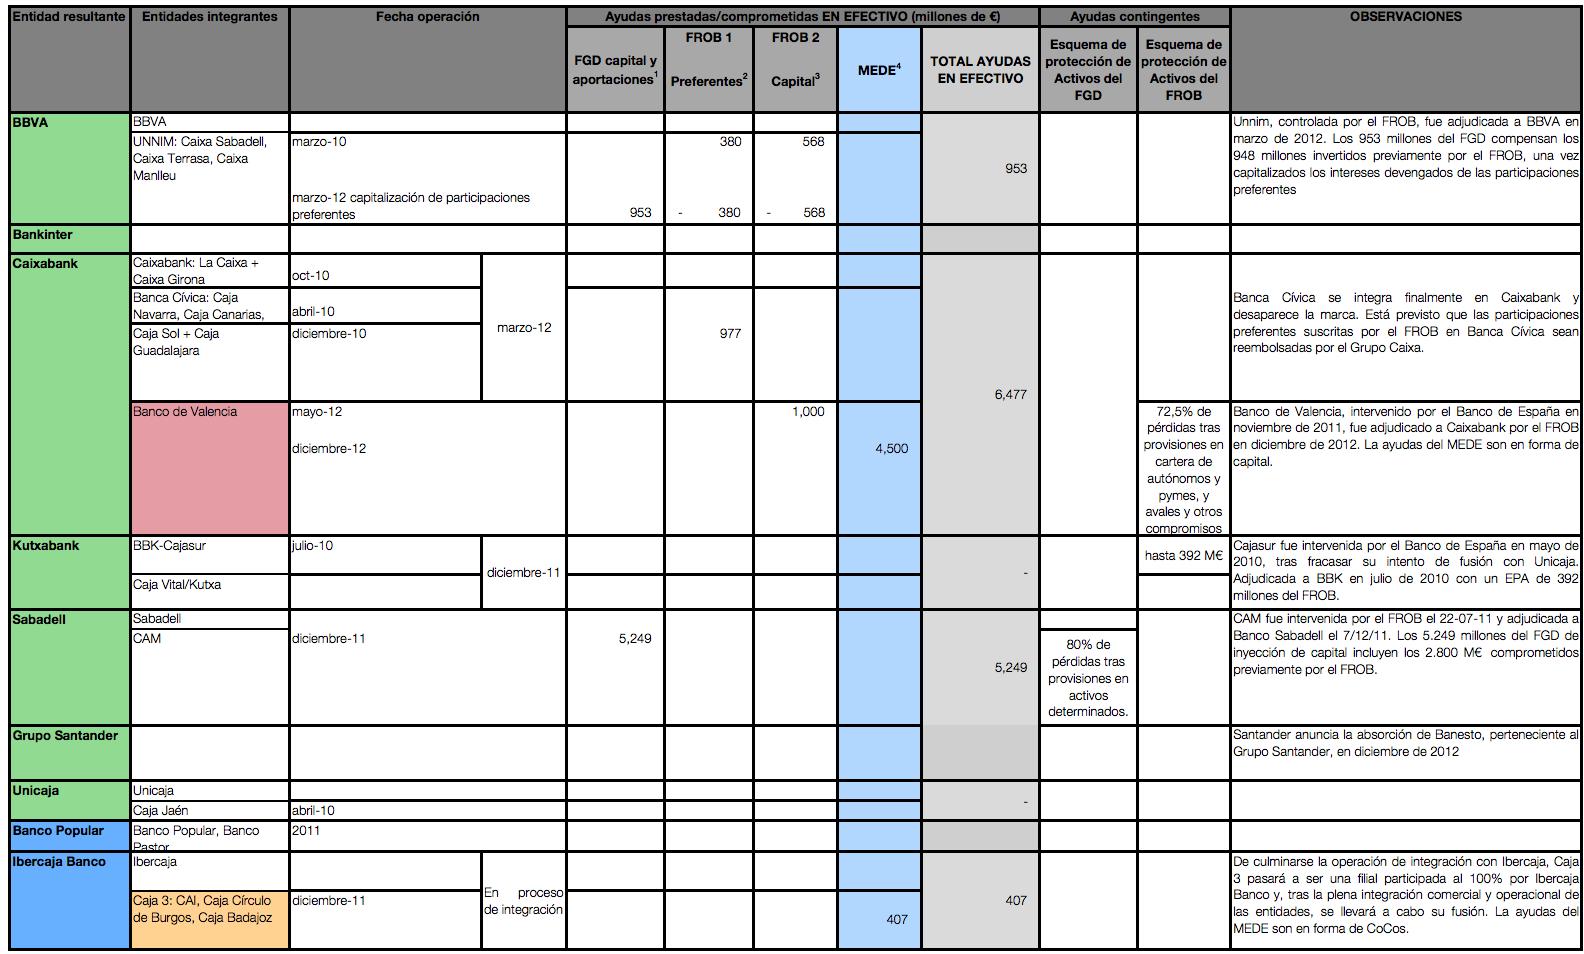 Reestructuración del Sector Bancario Español